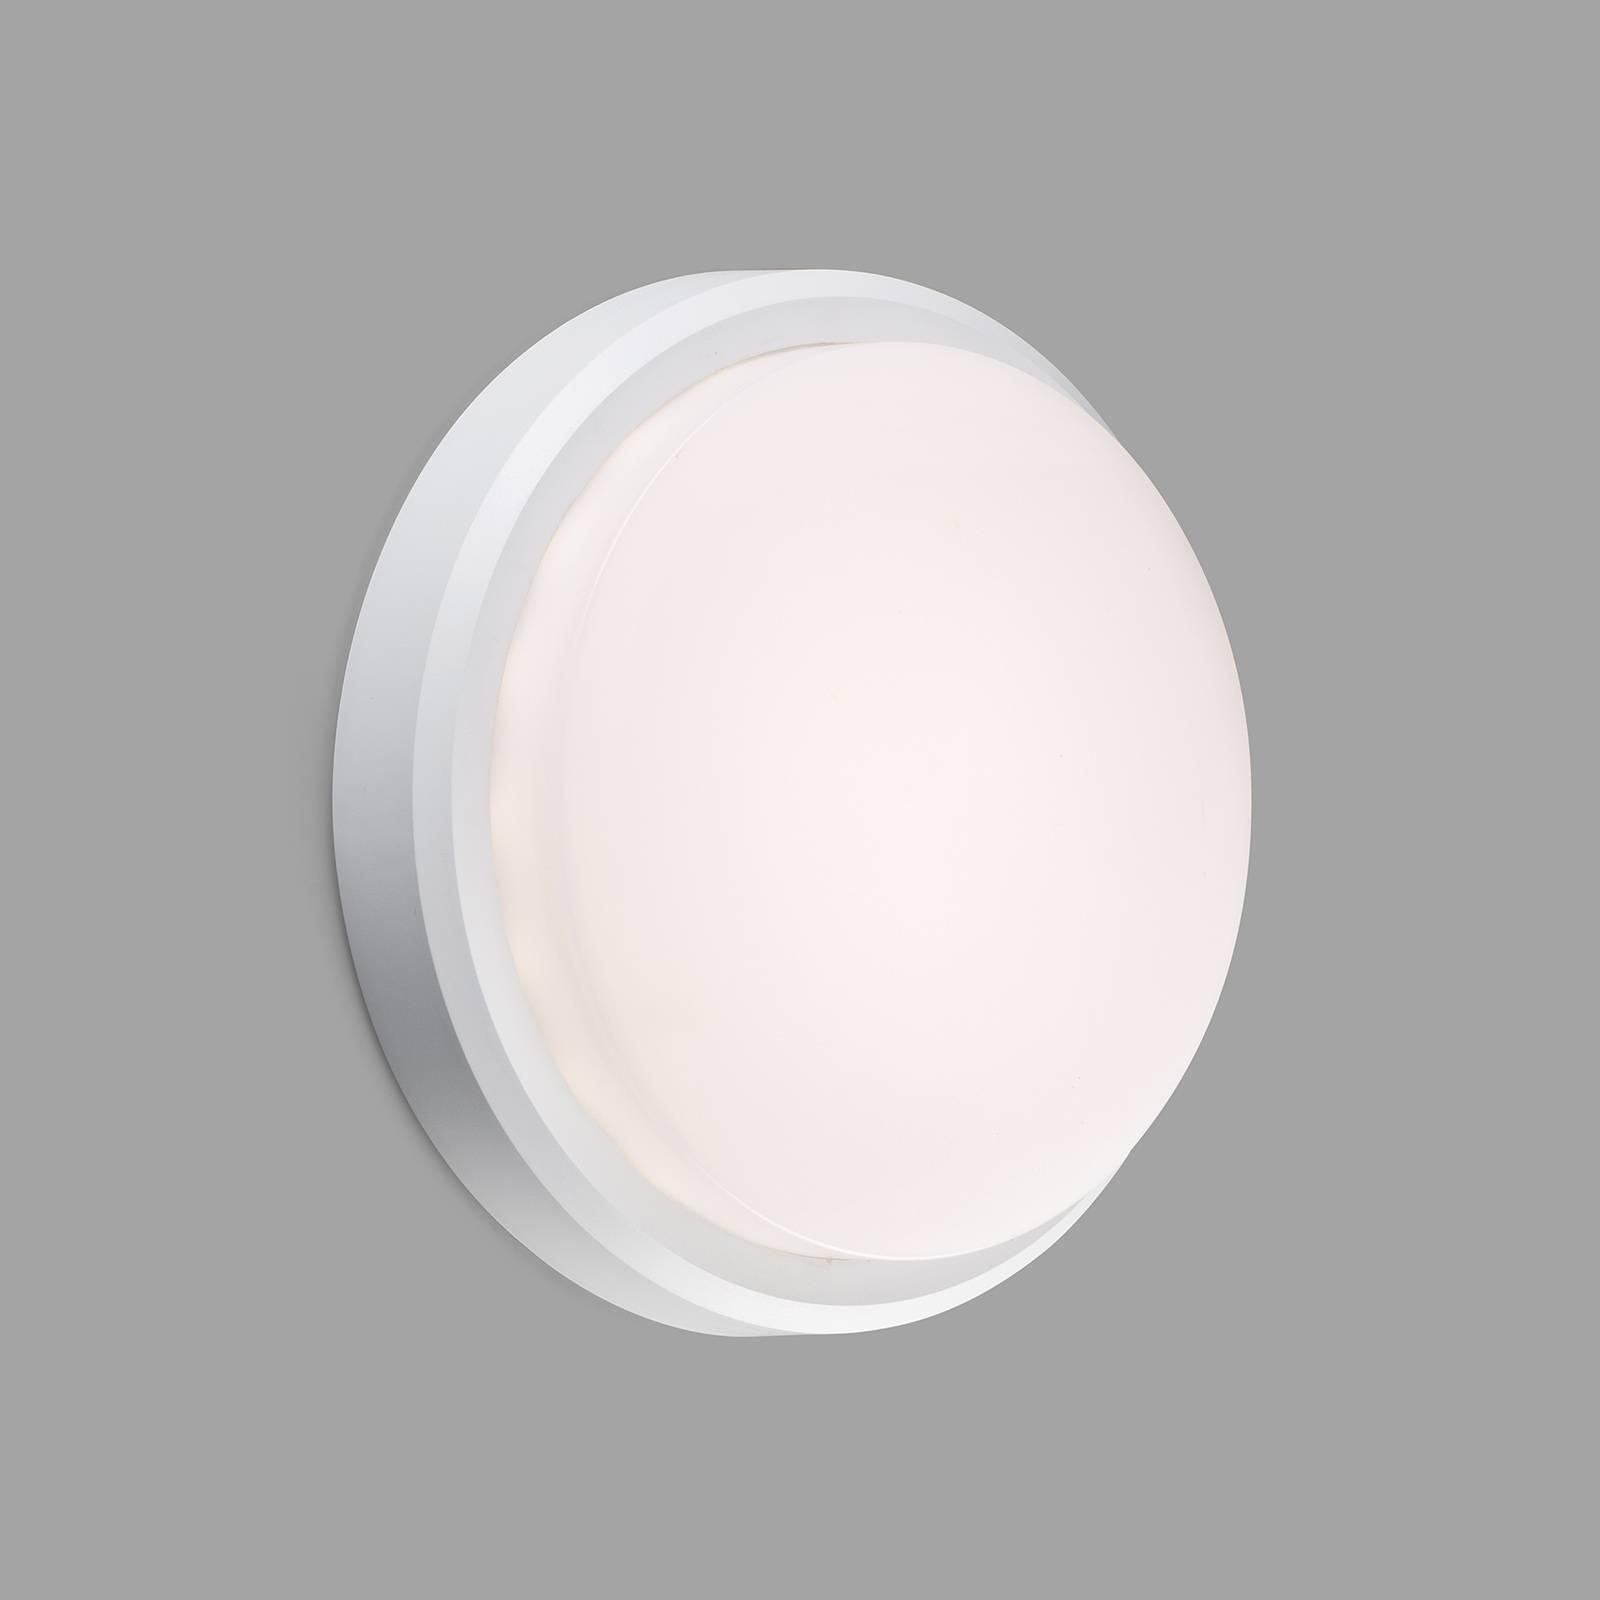 LED-ulkoseinälamppu Tom XL, IK10, valkoinen